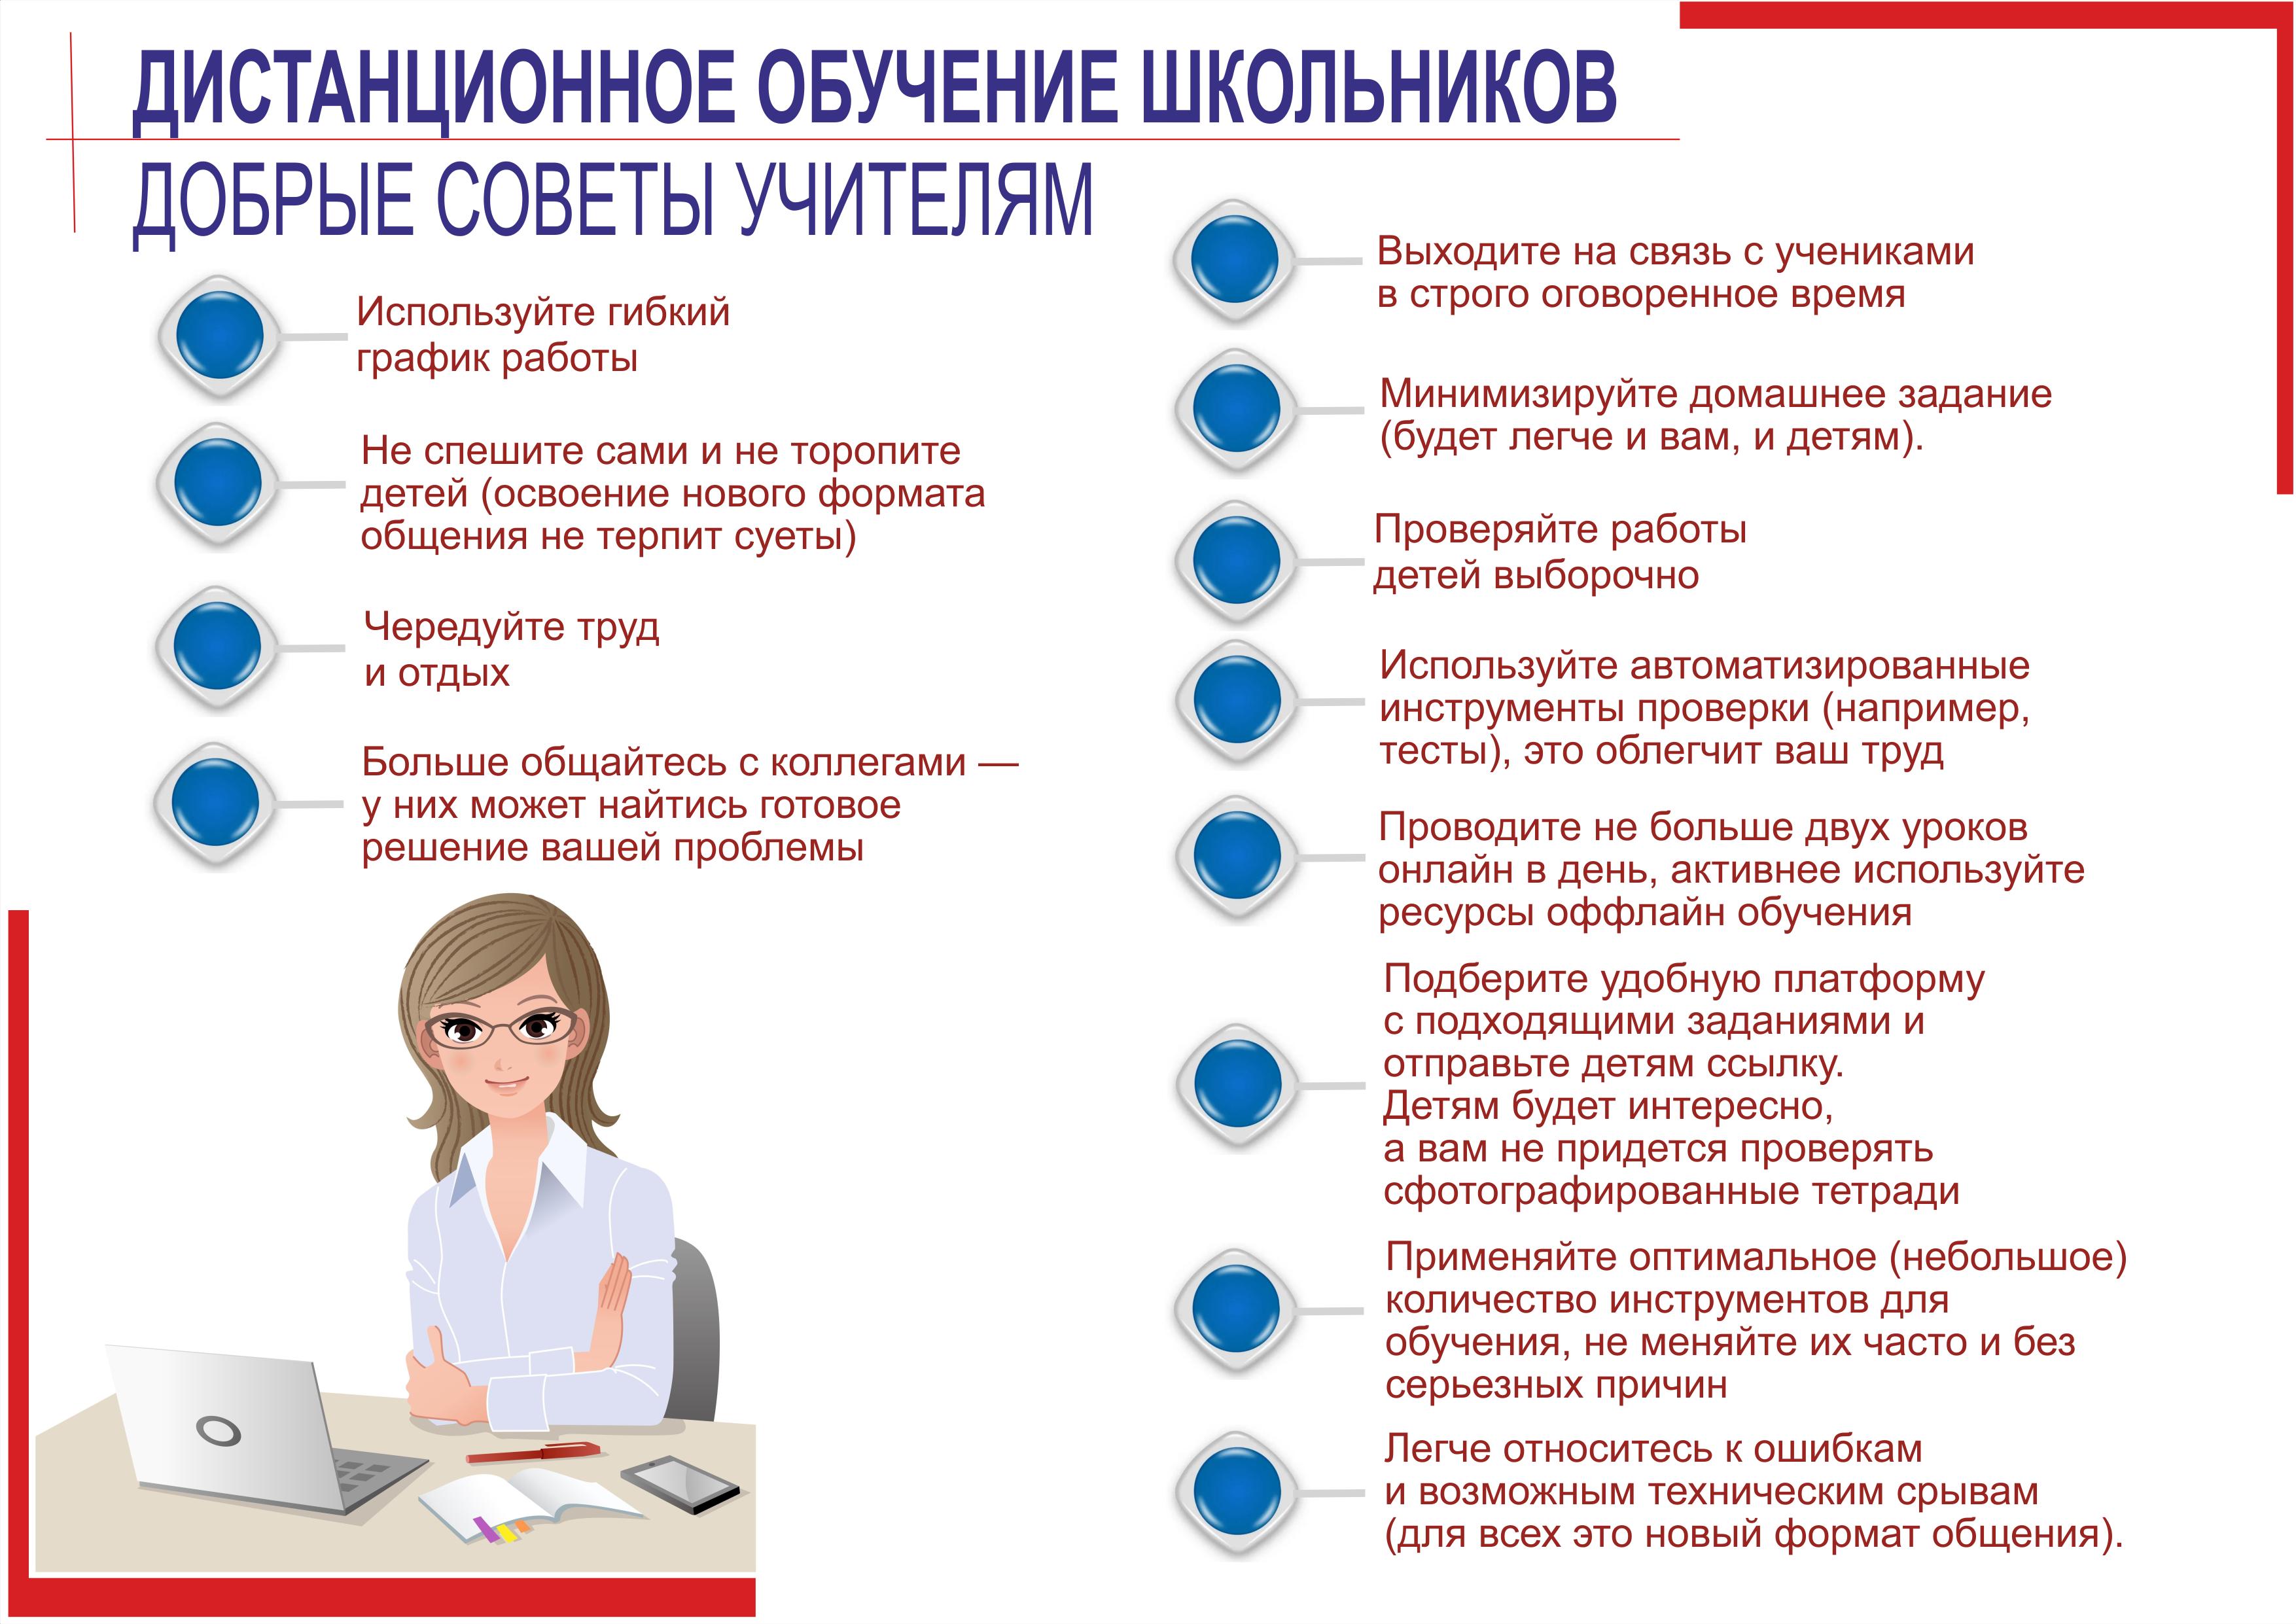 Советы учителям5